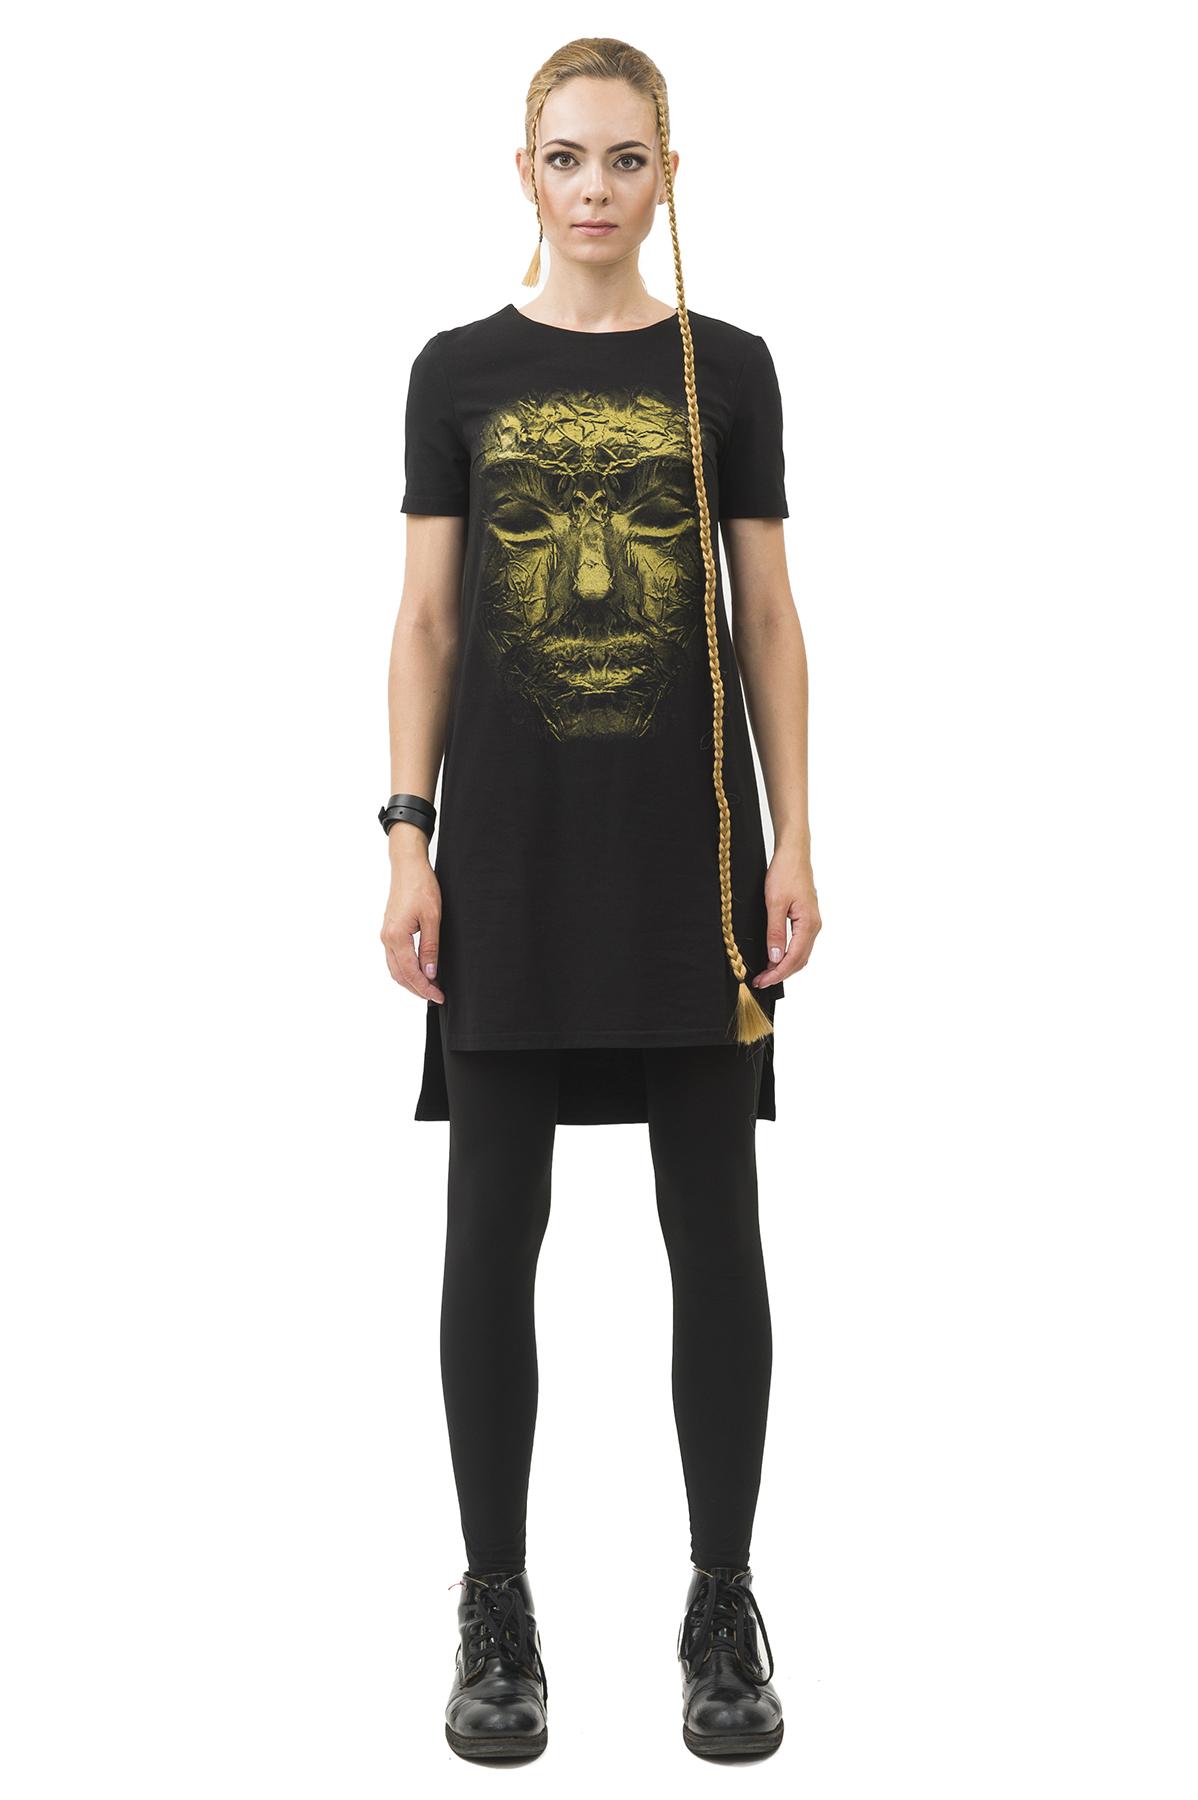 ПлатьеПлатья,  сарафаны<br>Платье Pavel Yerokin выполнено из мягкого текстиля с высоким содержанием хлопка. Особенности: удлиненный прямой крой, круглый вырез, принт бронзовая маска.<br><br>Цвет: черный<br>Состав: Хлопок - 92%, Эластан - 8%<br>Размер: 40,42,44,46,48,50,52<br>Страна дизайна: Россия<br>Страна производства: Россия